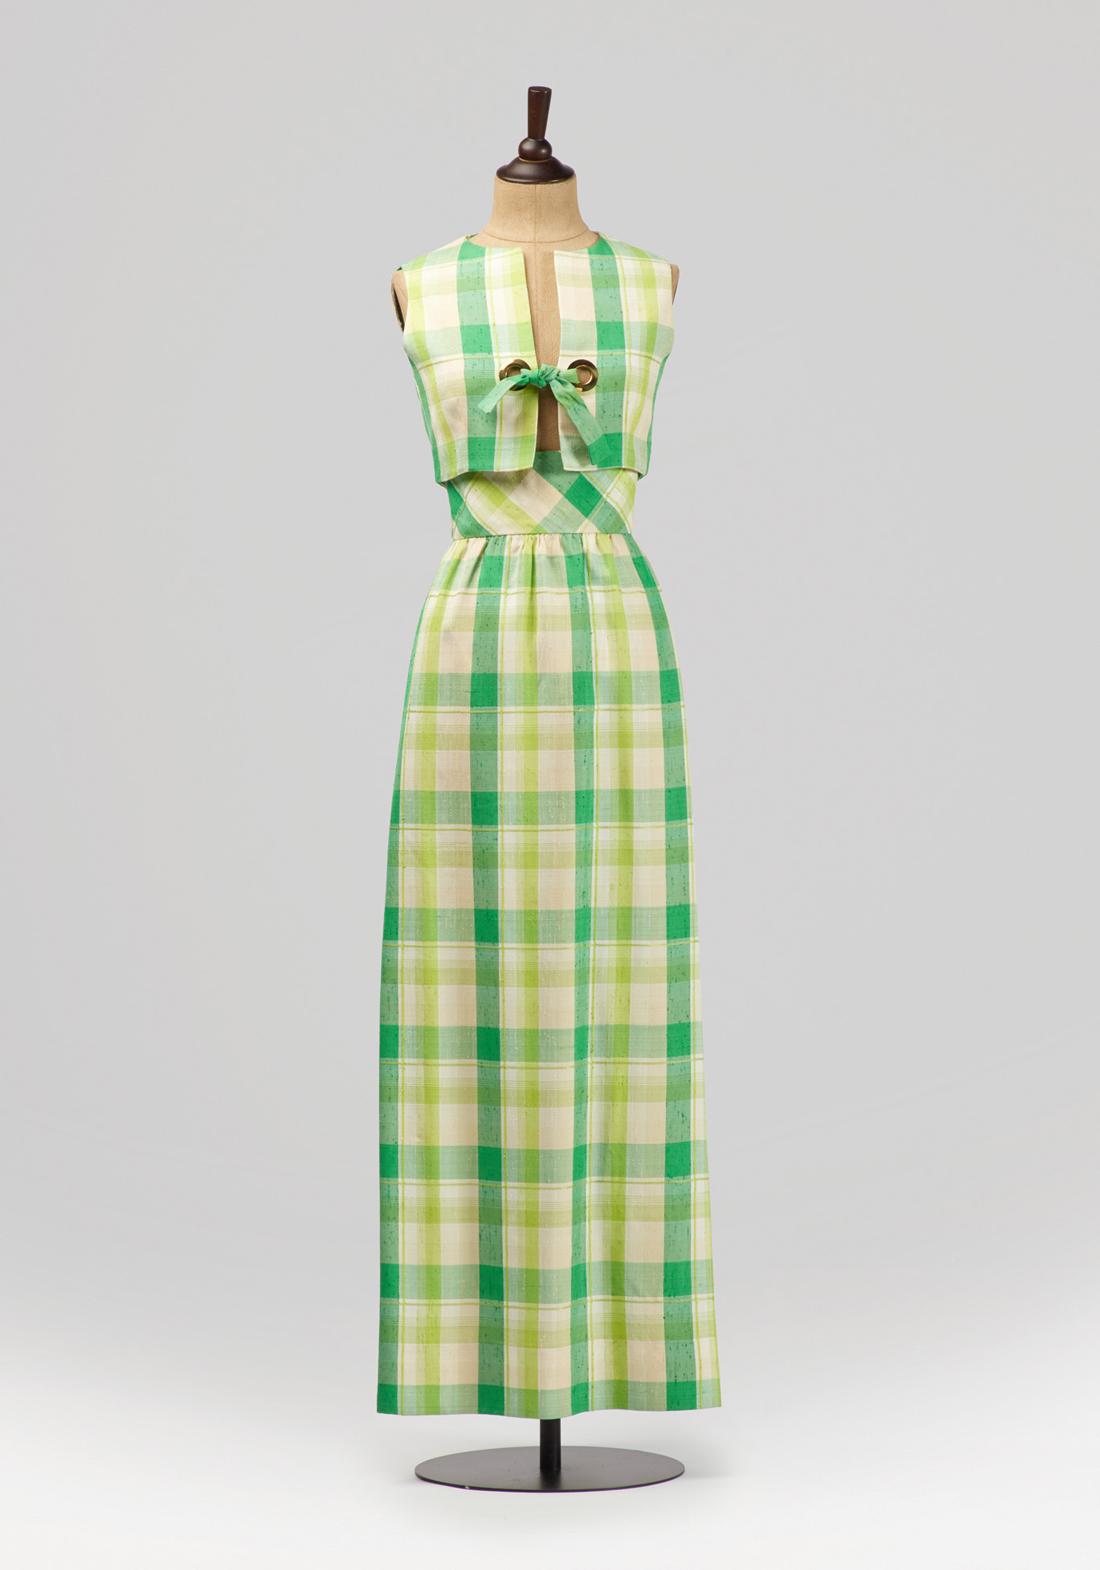 Откроет экспозиционный цикл выставка под названием«Весна и мода. Коллекция из Фонда Александра Васильева».Нежные расцветки, изящные трафаретные рисунки, растительные и цветочные мотивы, газовые косынки, пышные юбки в стиле new-look, введенные в моду Кристианом Диором в 1947 году, набивной ситец и шифон, крепдешин и креп-жоржет — под аккомпанемент советских песен, посвященных весне, посетители выставки окунутся в ностальгическую атмосферу годов ХХ века. Экспозицию составят около 200 предметов: платья, аксессуары, фотографии, открытки и другие артефакты из Фонда Александра Васильева. Гостей также ждет необычное цветочное оформление самого павильона.